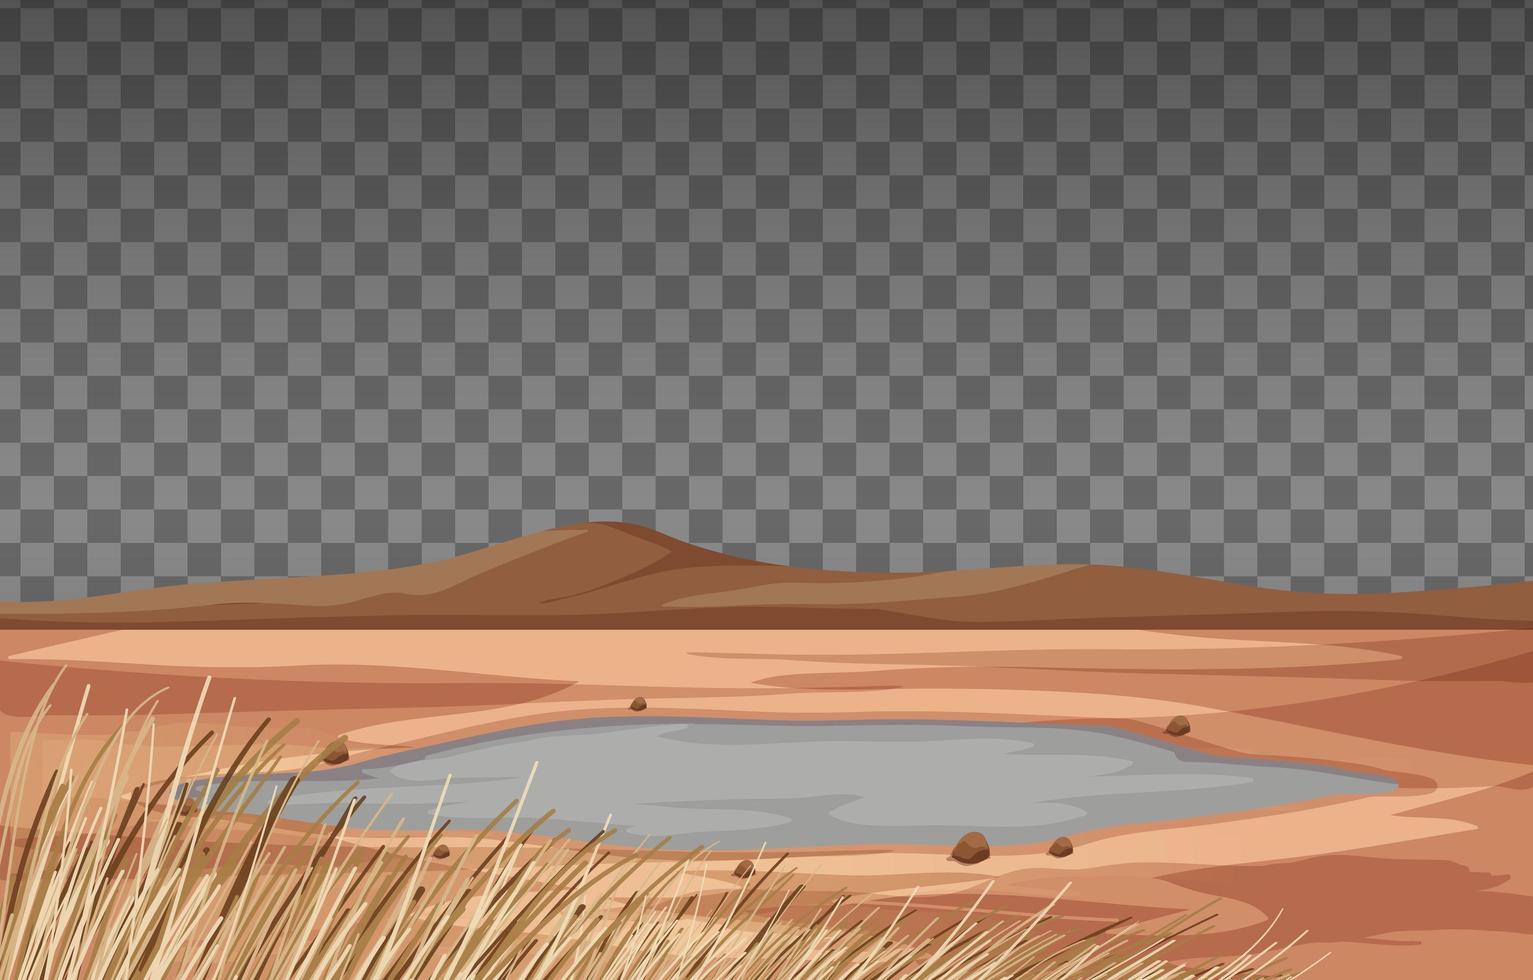 Trockenlandlandschaft auf transparentem Hintergrund vektor